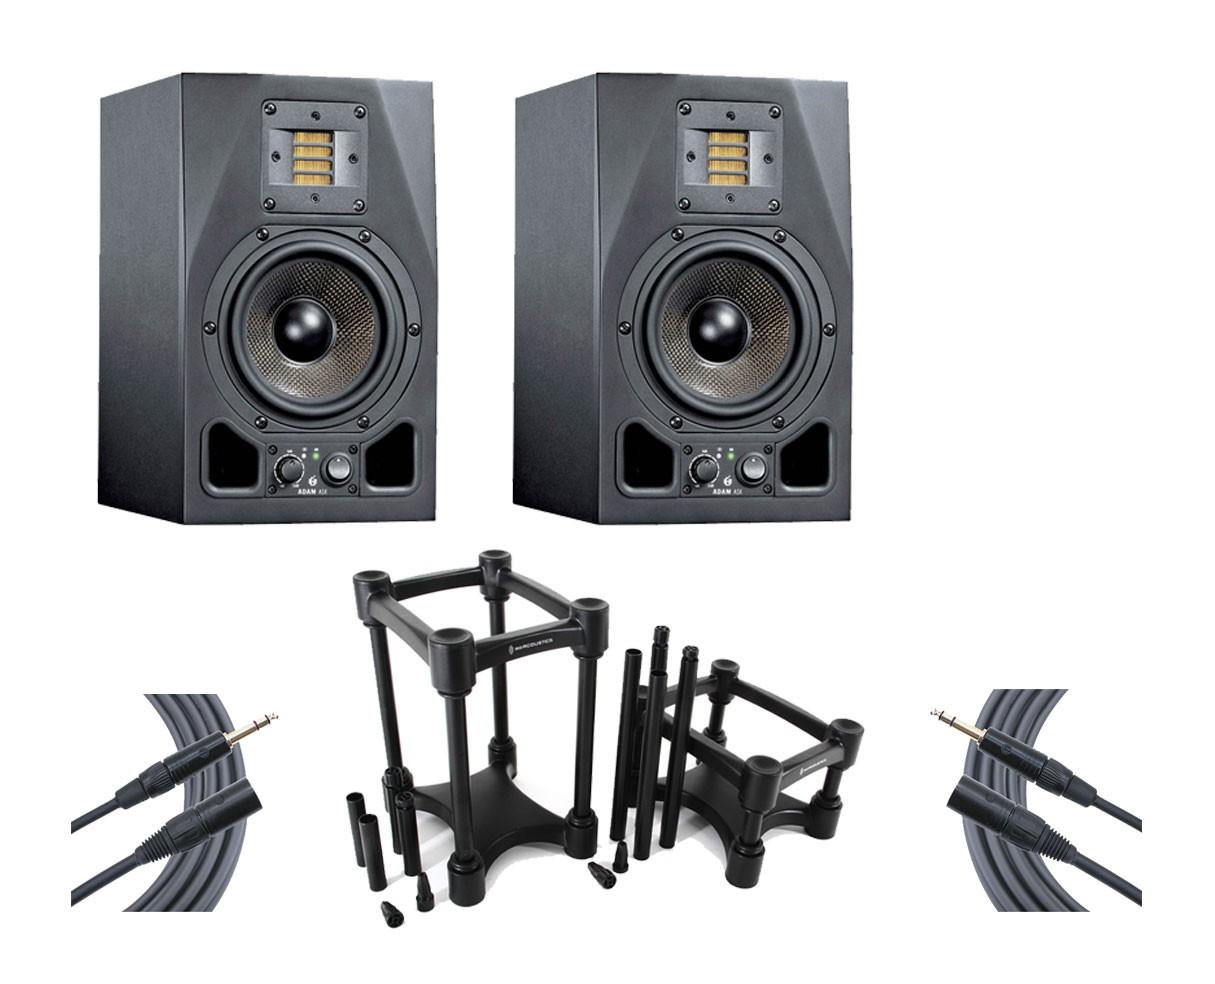 2x ADAM A5X + IsoAcoustics + Mogami Cables